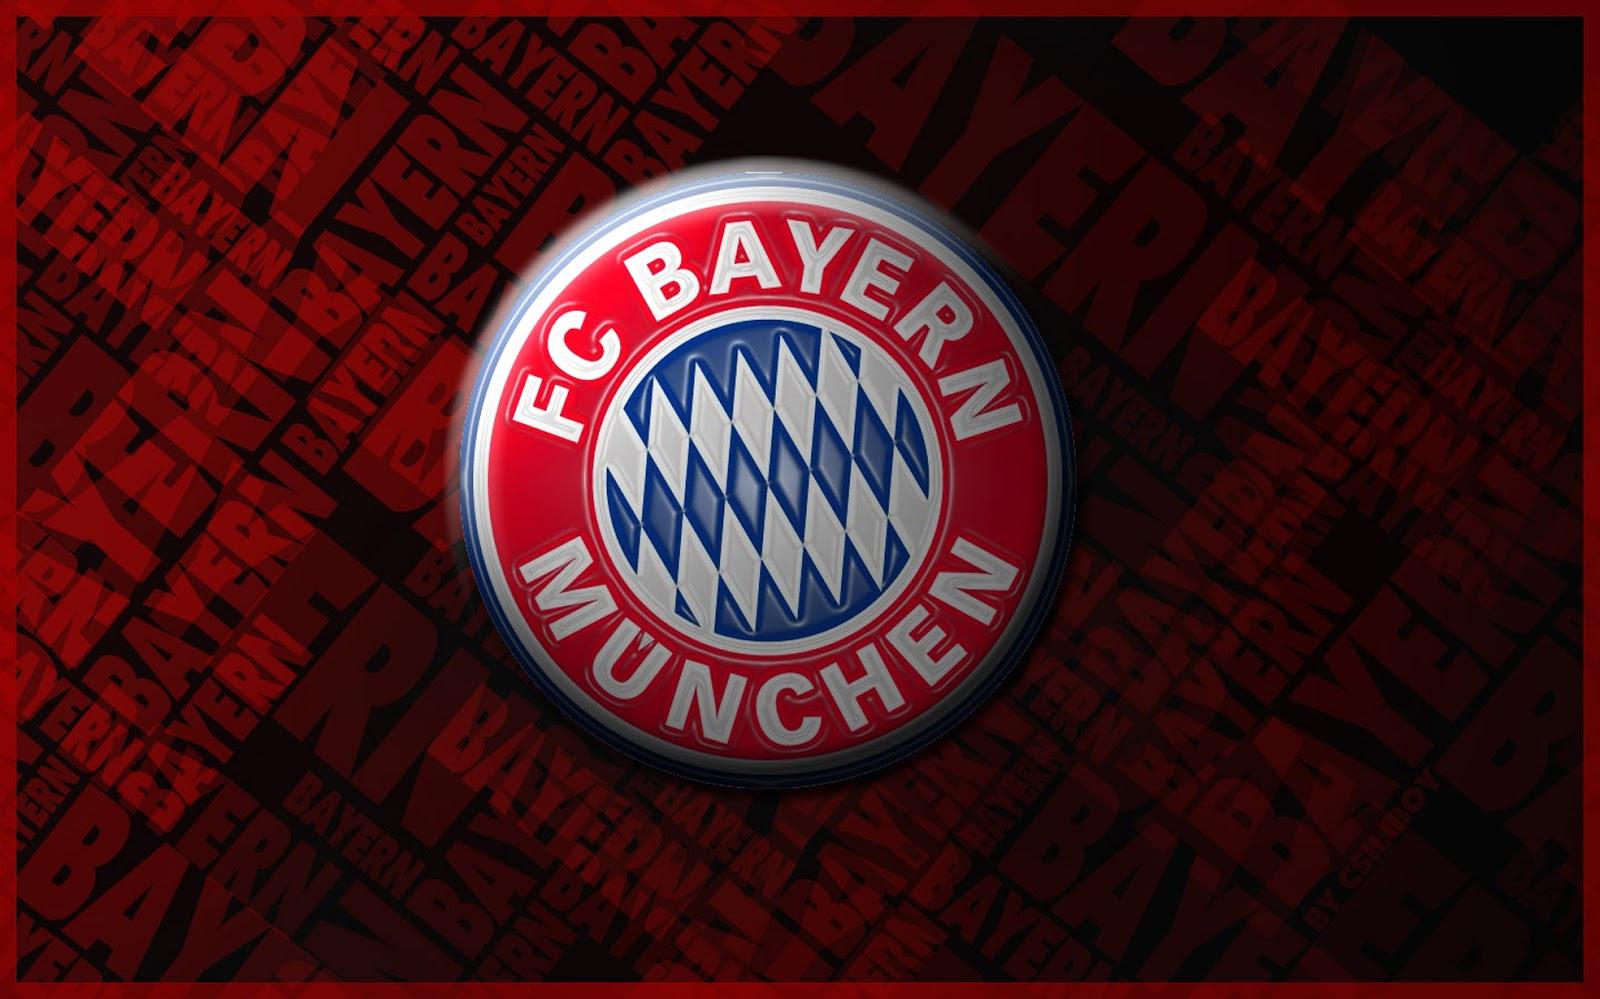 FC Bayer Munchen Wallpaper   Perfect Wallpaper